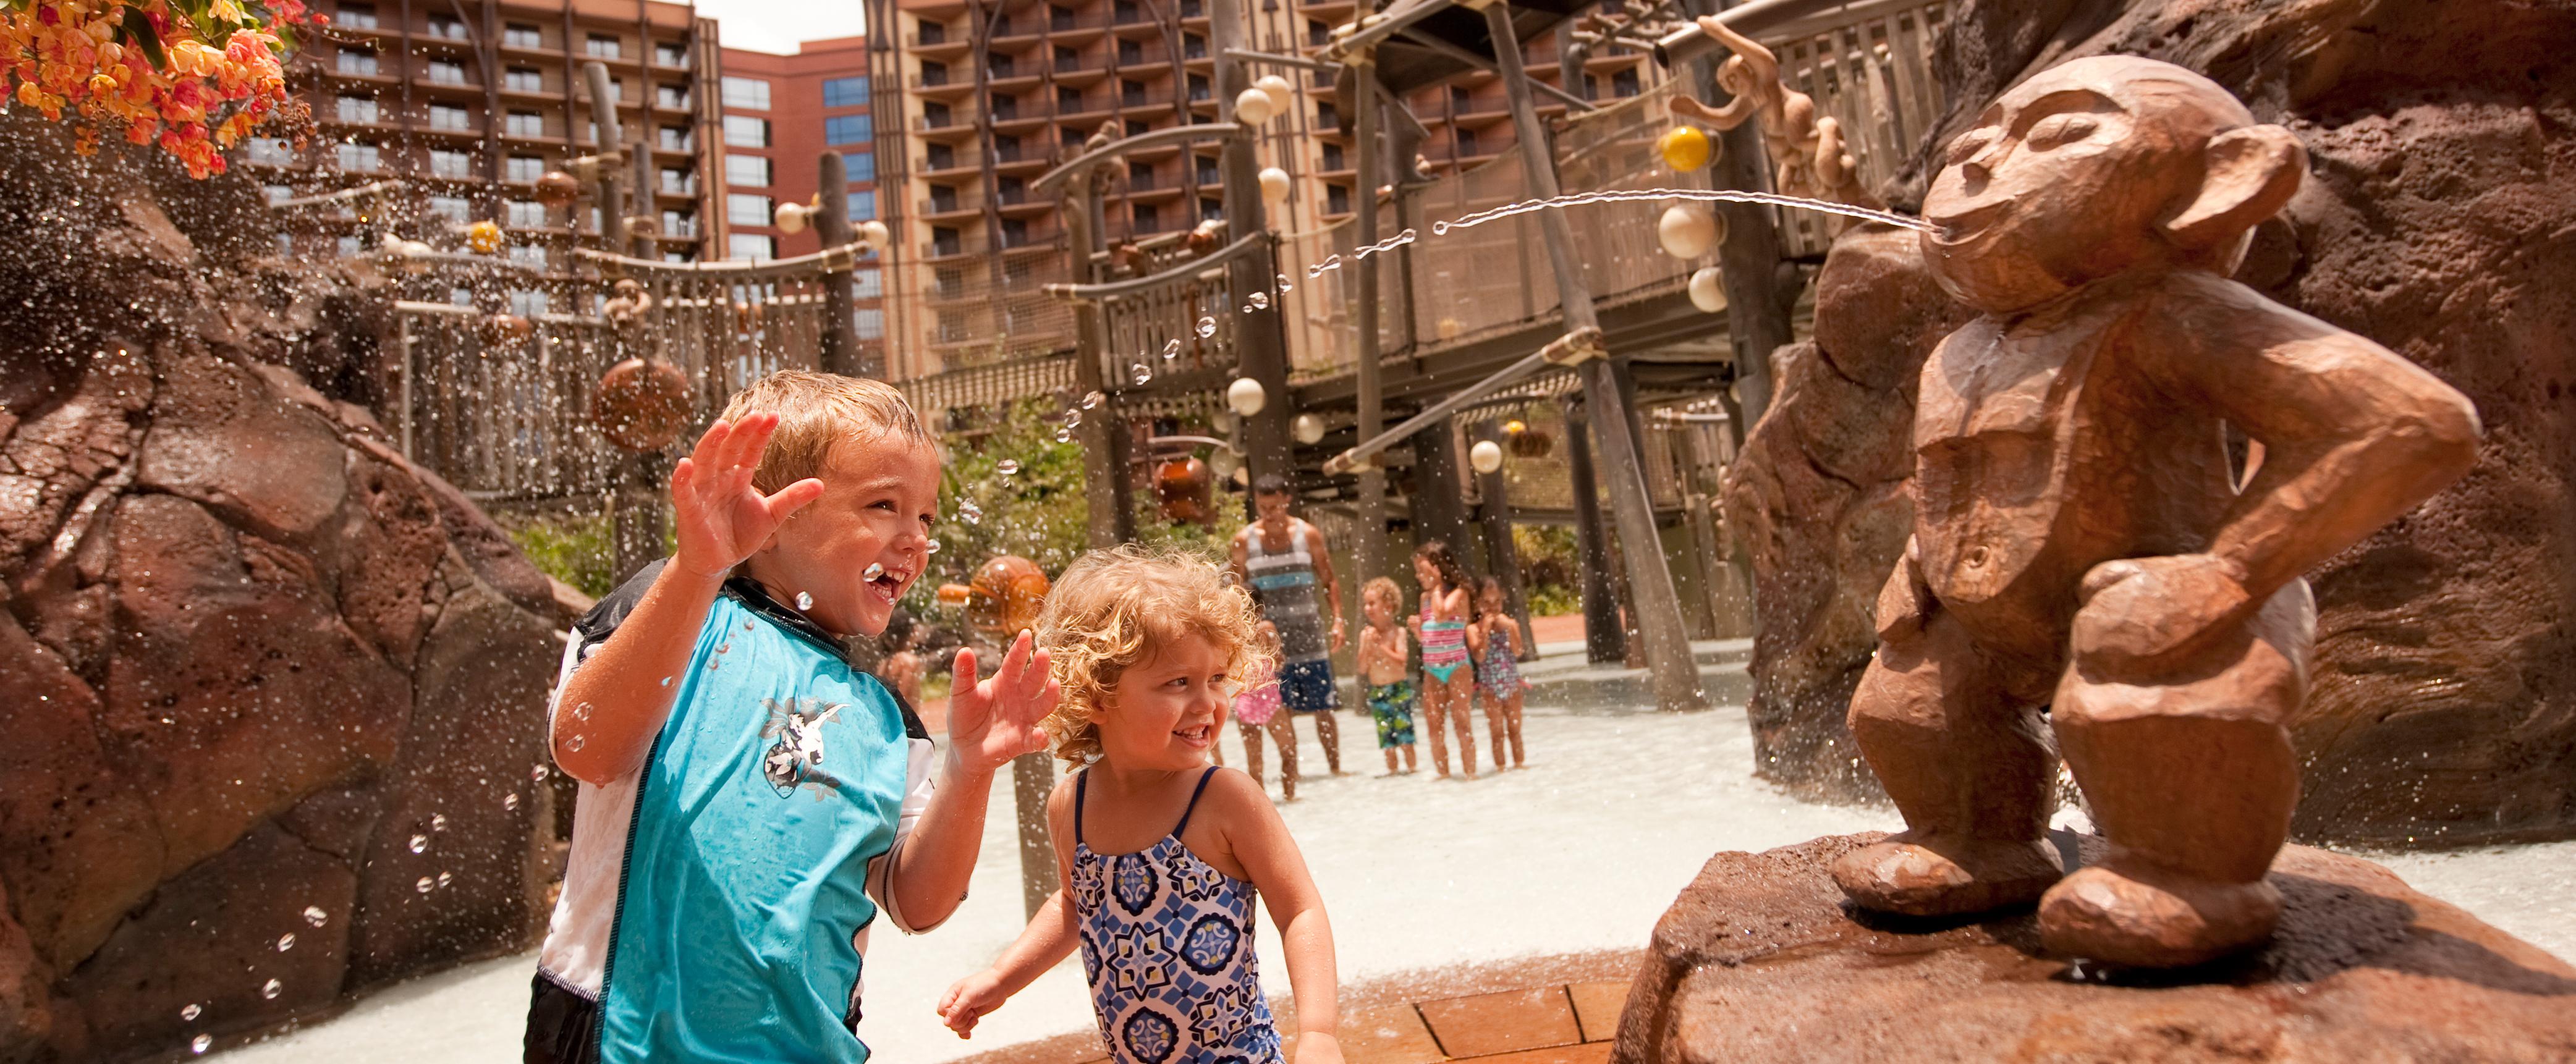 Disney Vacation Club At Aulani Hawaii Resort amp Spa